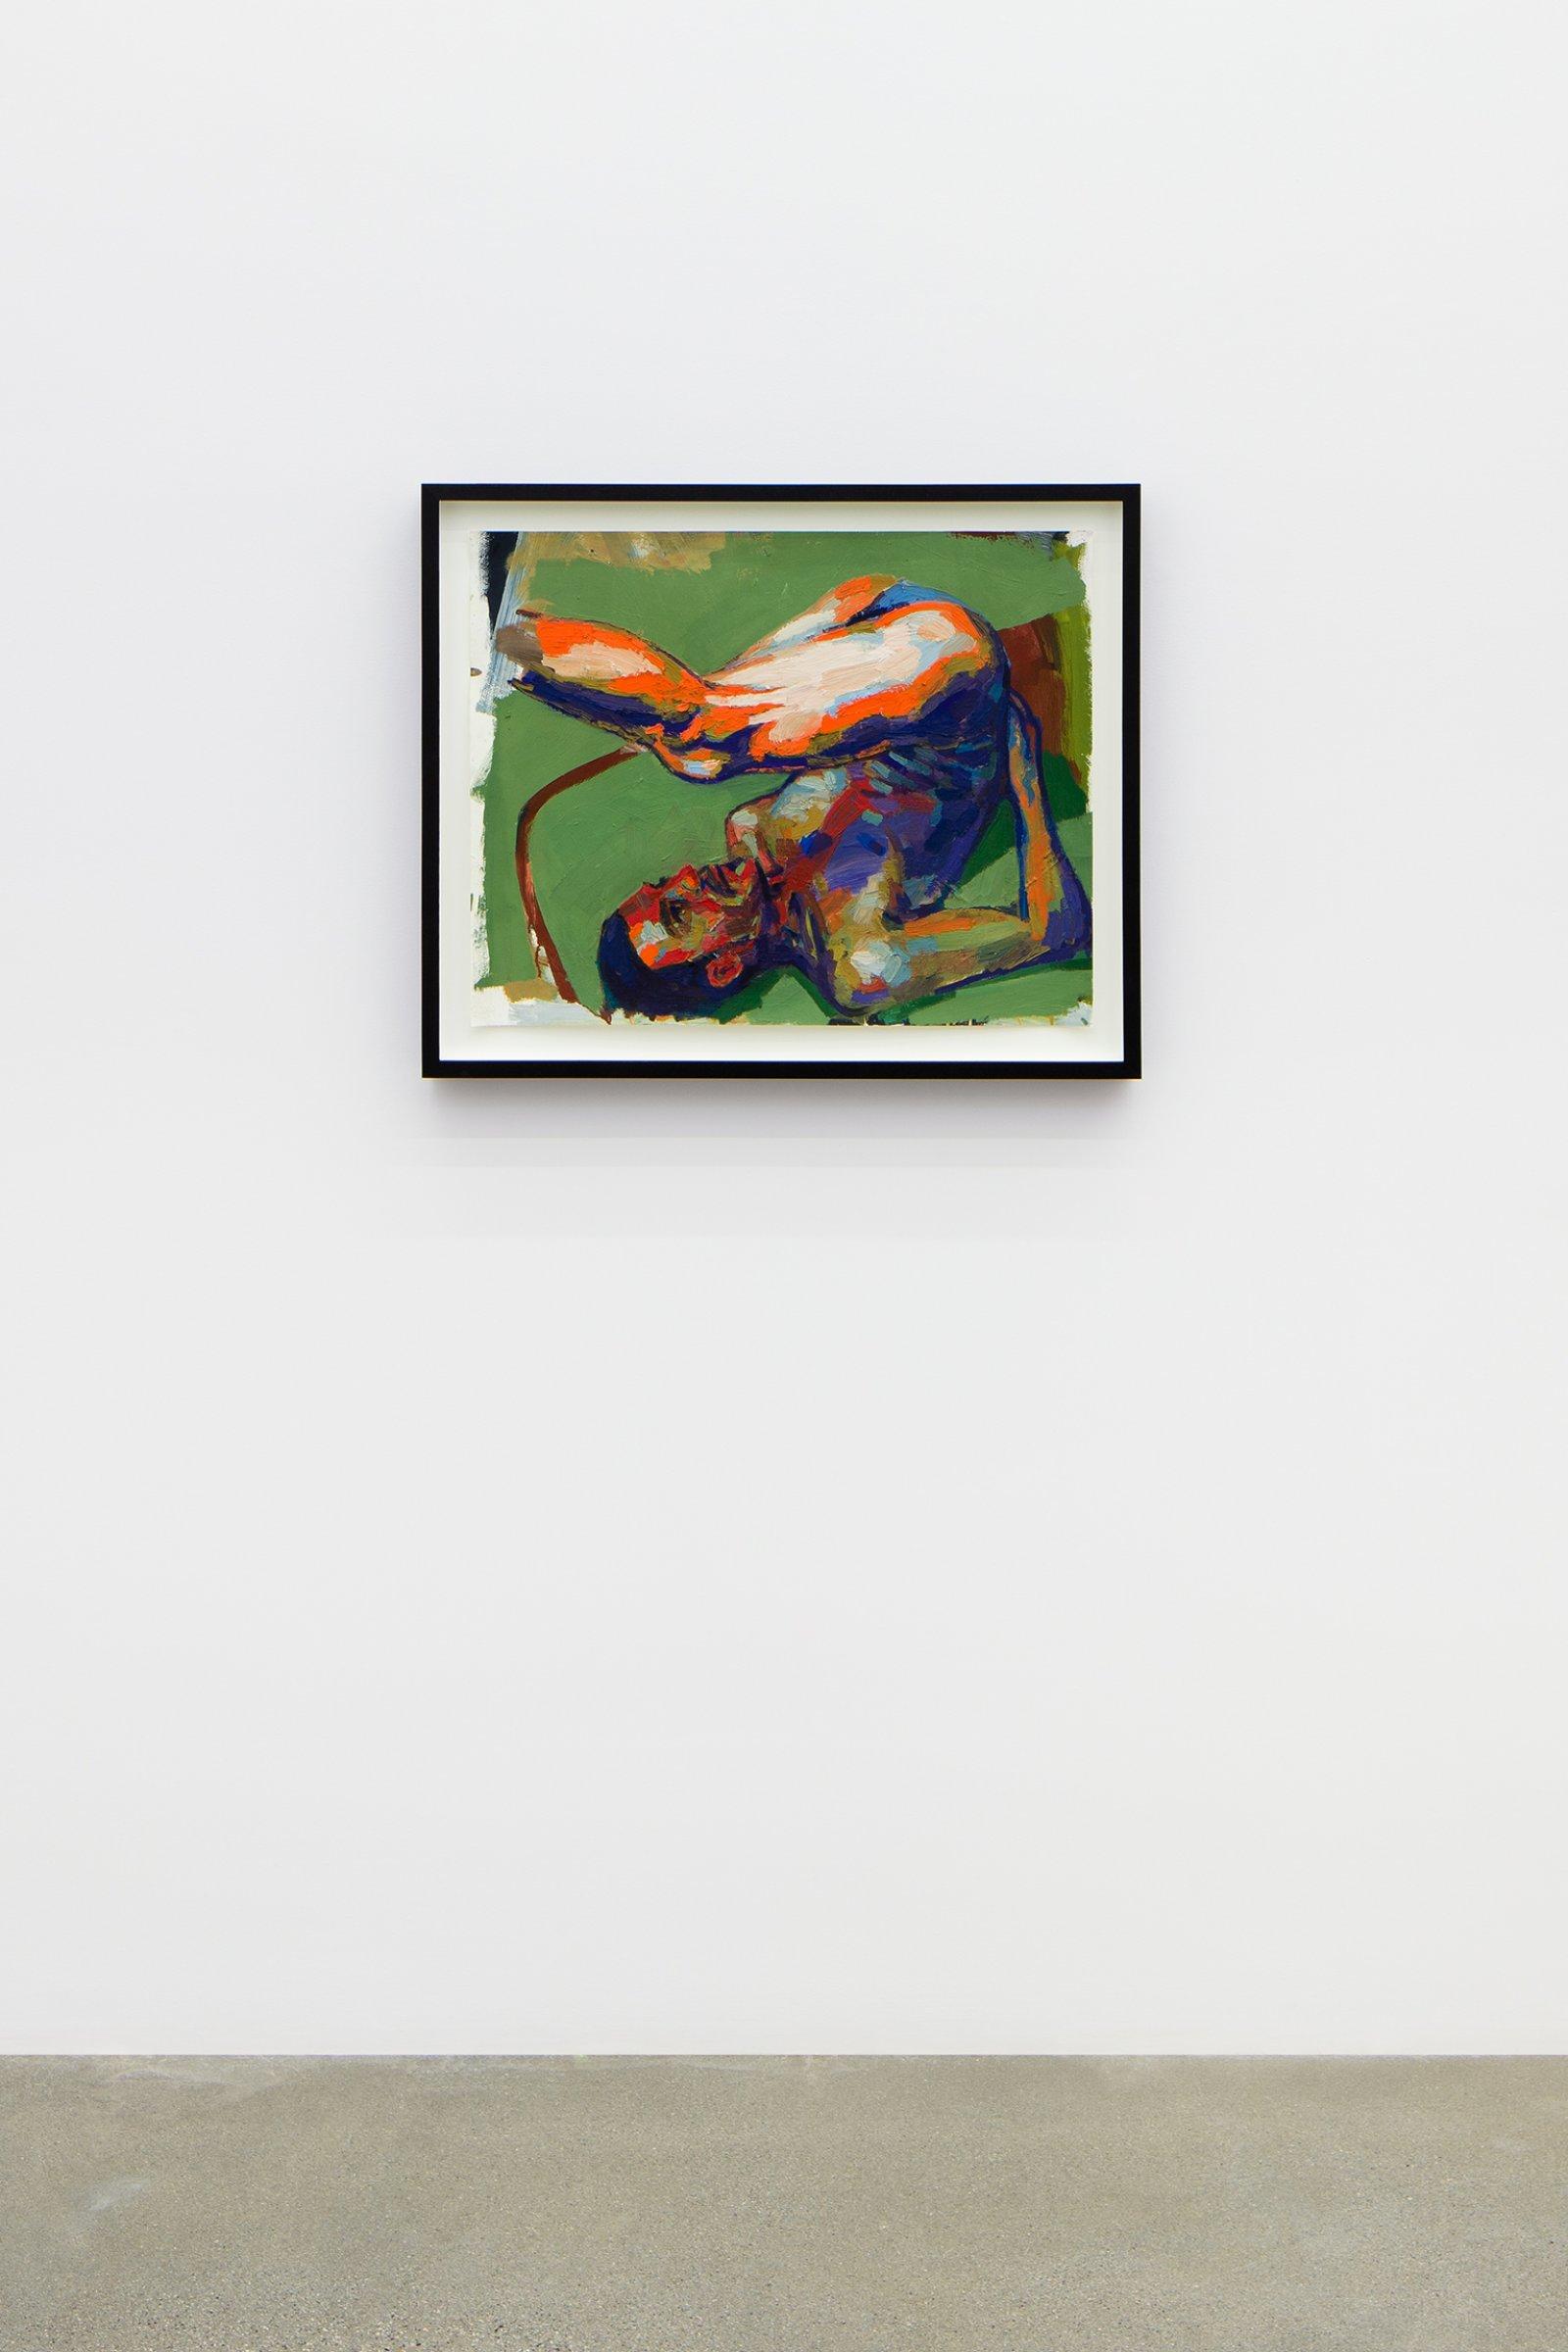 Damian Moppett, Figure Study for Acrobat, 2006, oil on paper, 28 x 33 in. (70 x 84 cm) by Damian Moppett